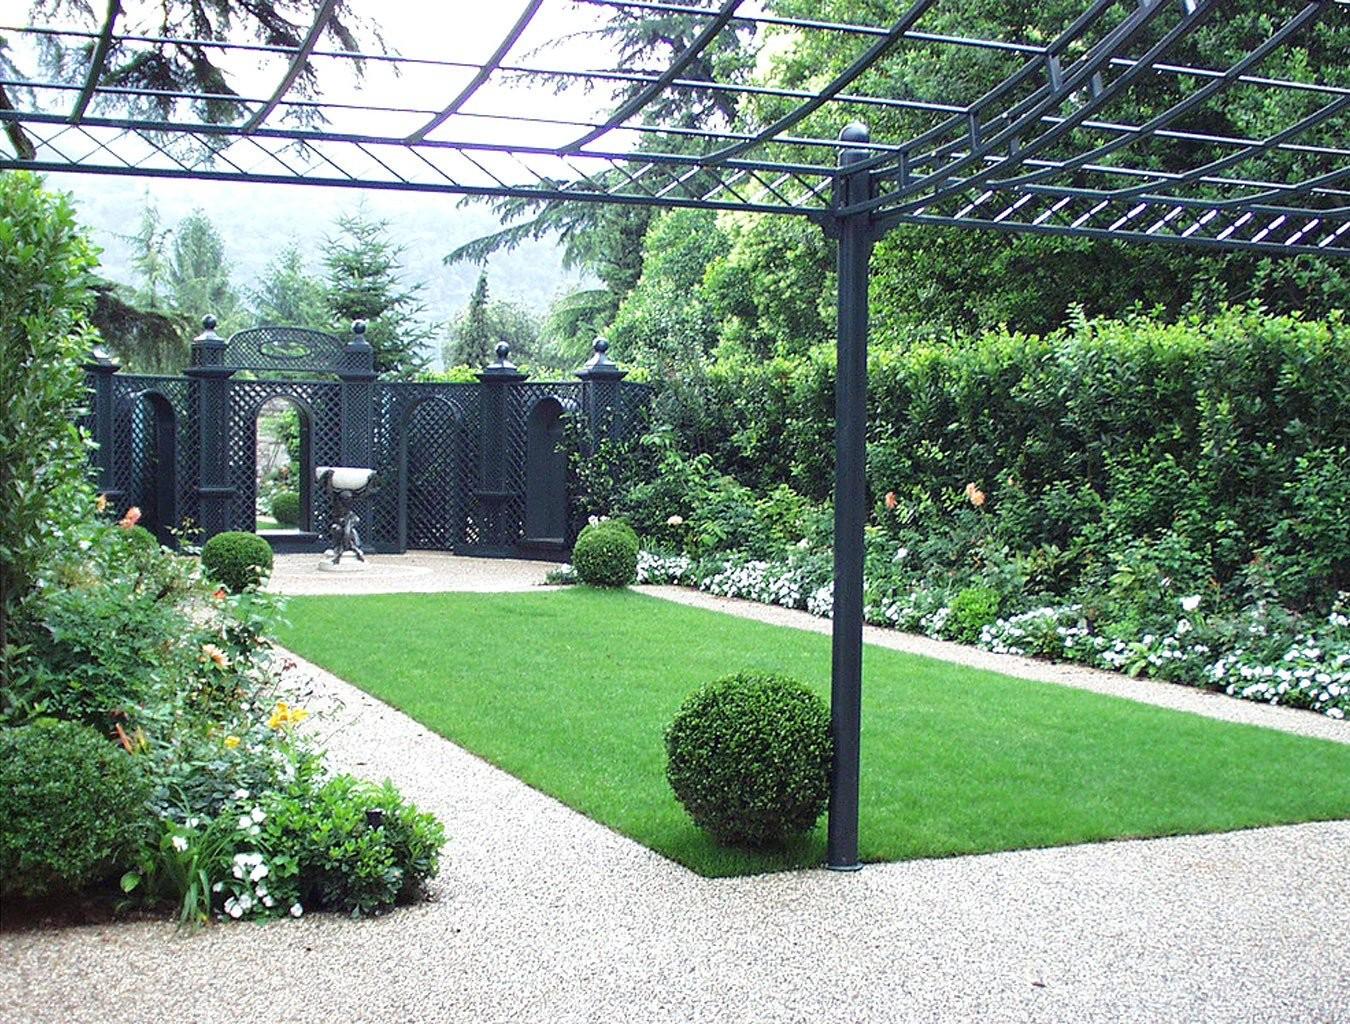 Giardini pensili landscape design paghera for Realizzazione giardini pensili